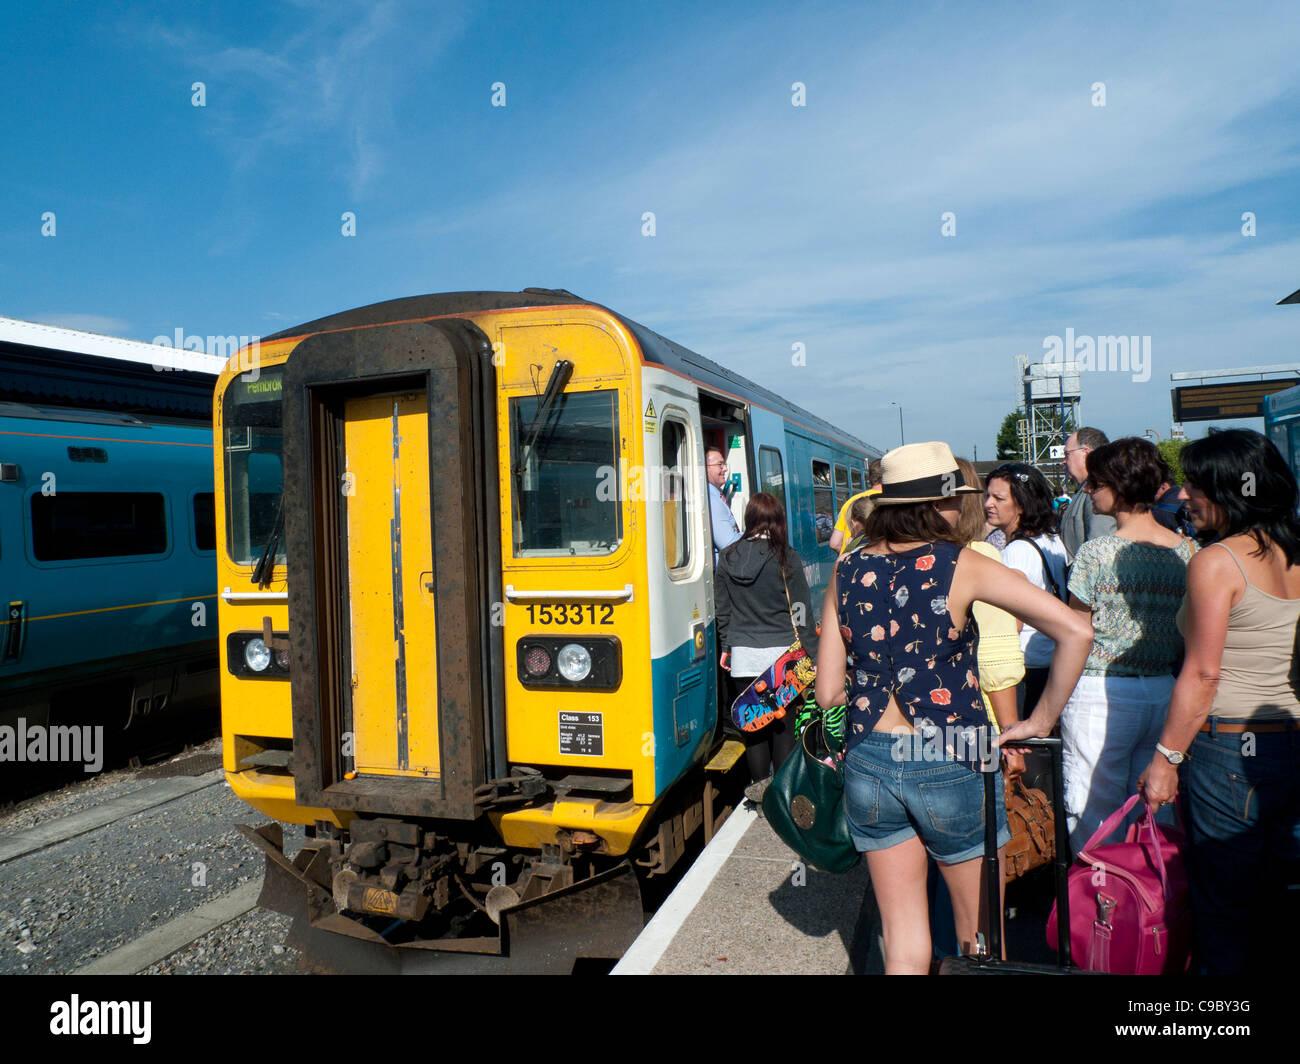 Fluggästen ein Arriva Zug in Richtung Tenby bei Carmarthen Station, Carmarthenshire Walesd UK Stockfoto